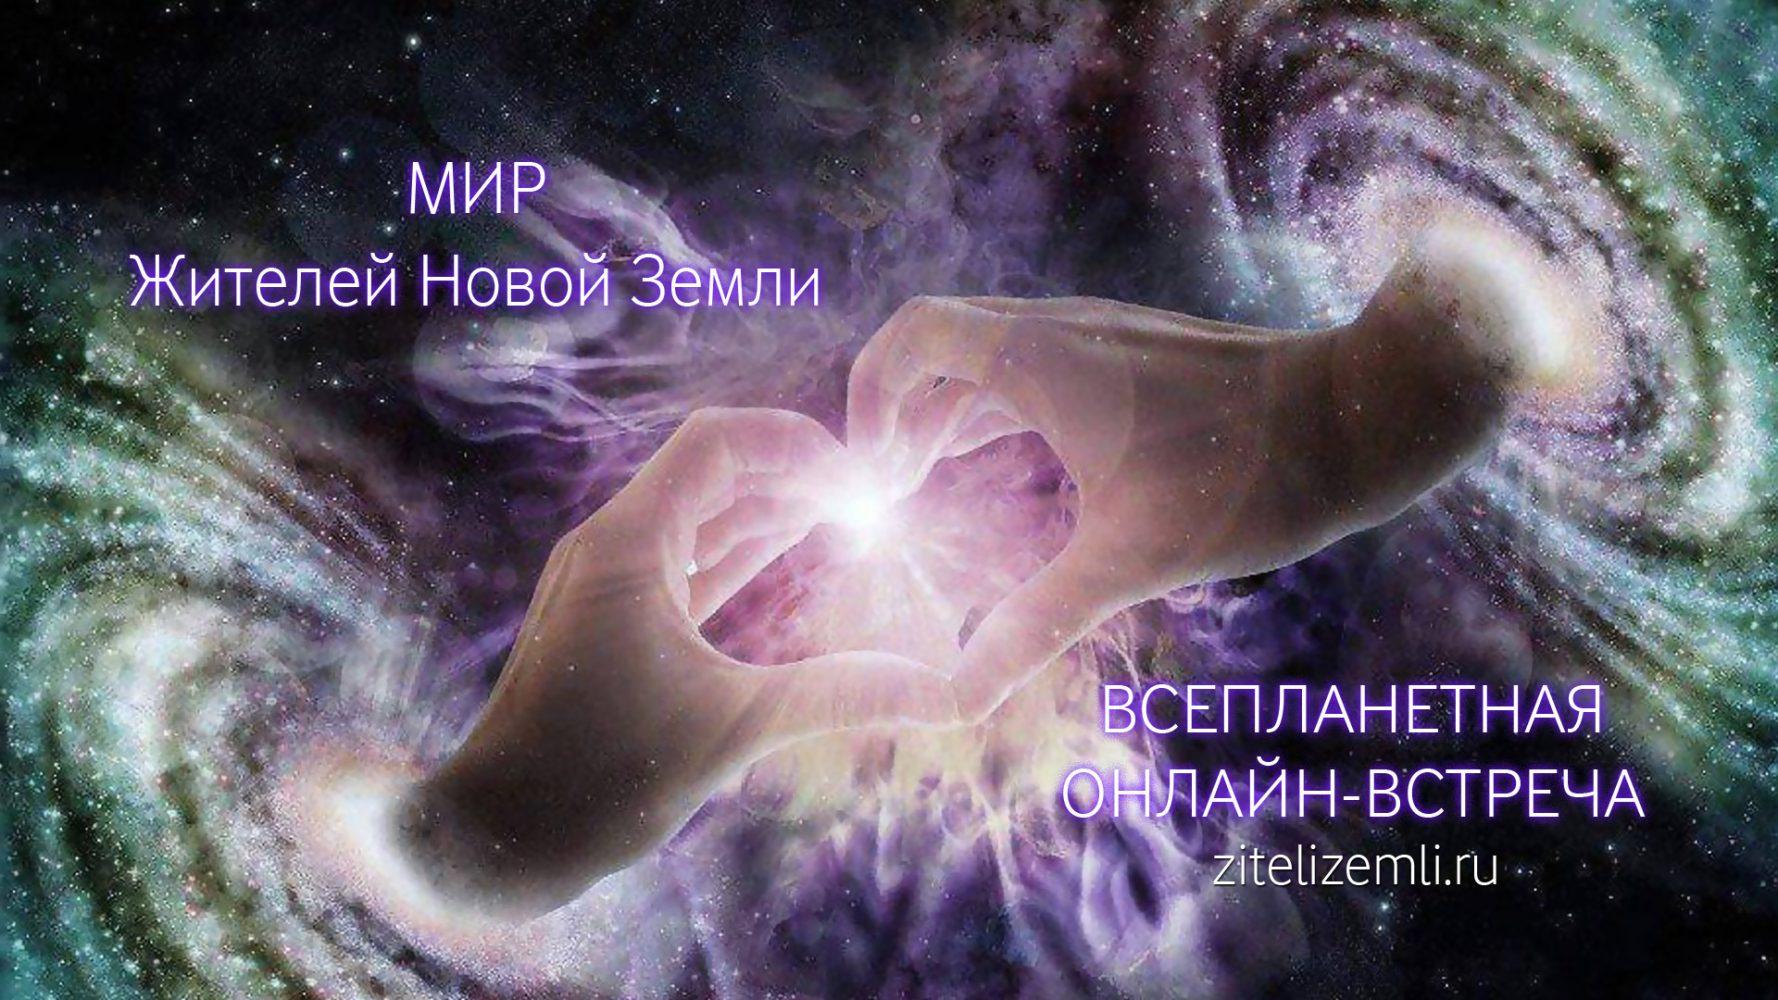 Ежемесячные ОНЛАЙН-встречи МИРА ЖНЗ. Ведущие ЛАВИААНА и ФЕННИКС